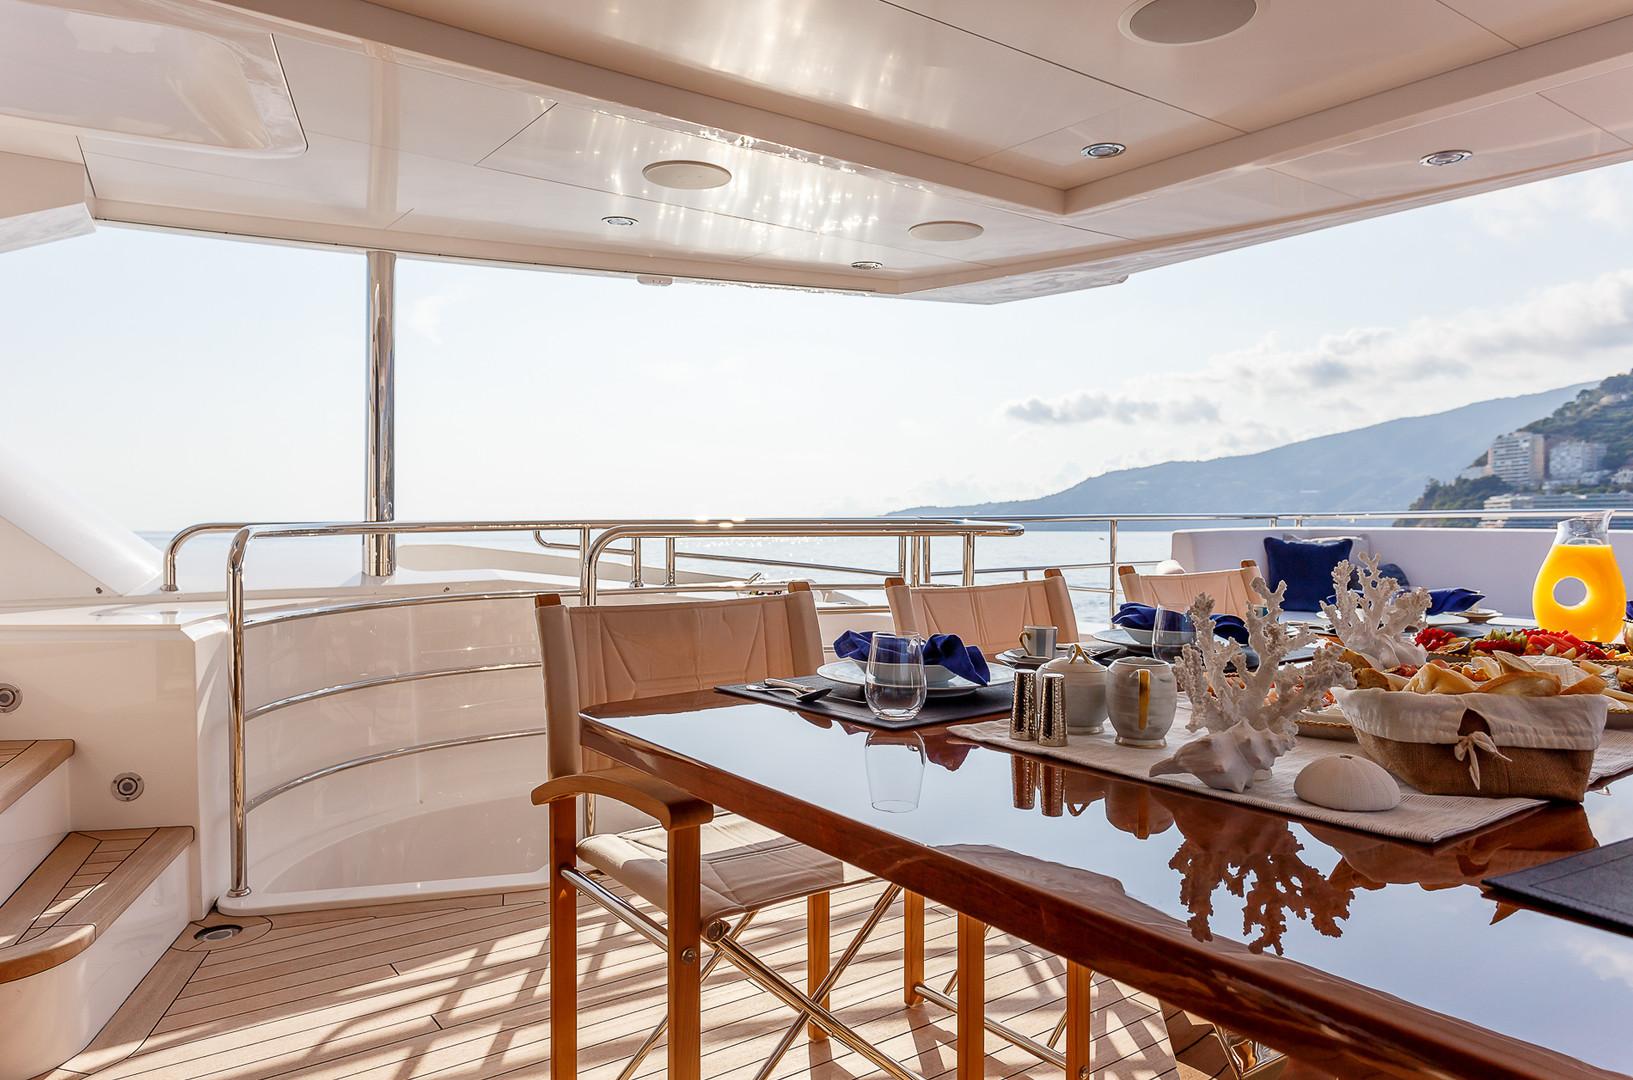 Yacht LADY M - bridge deck aft